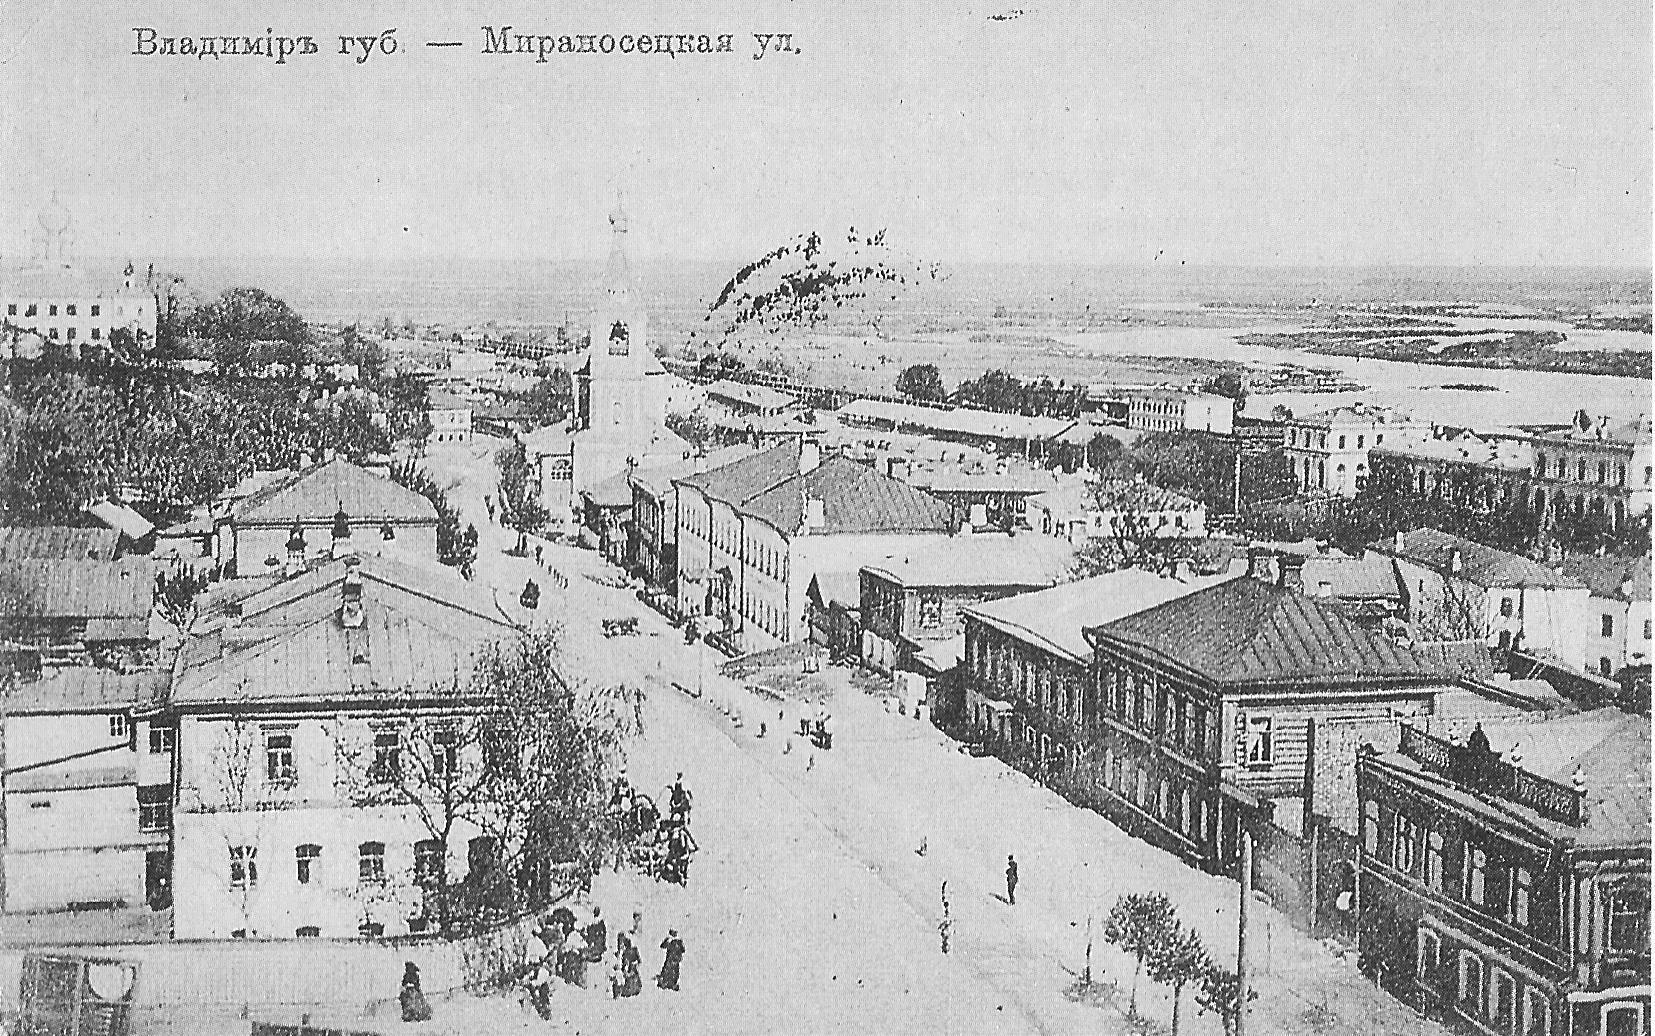 Мироносицкая улица